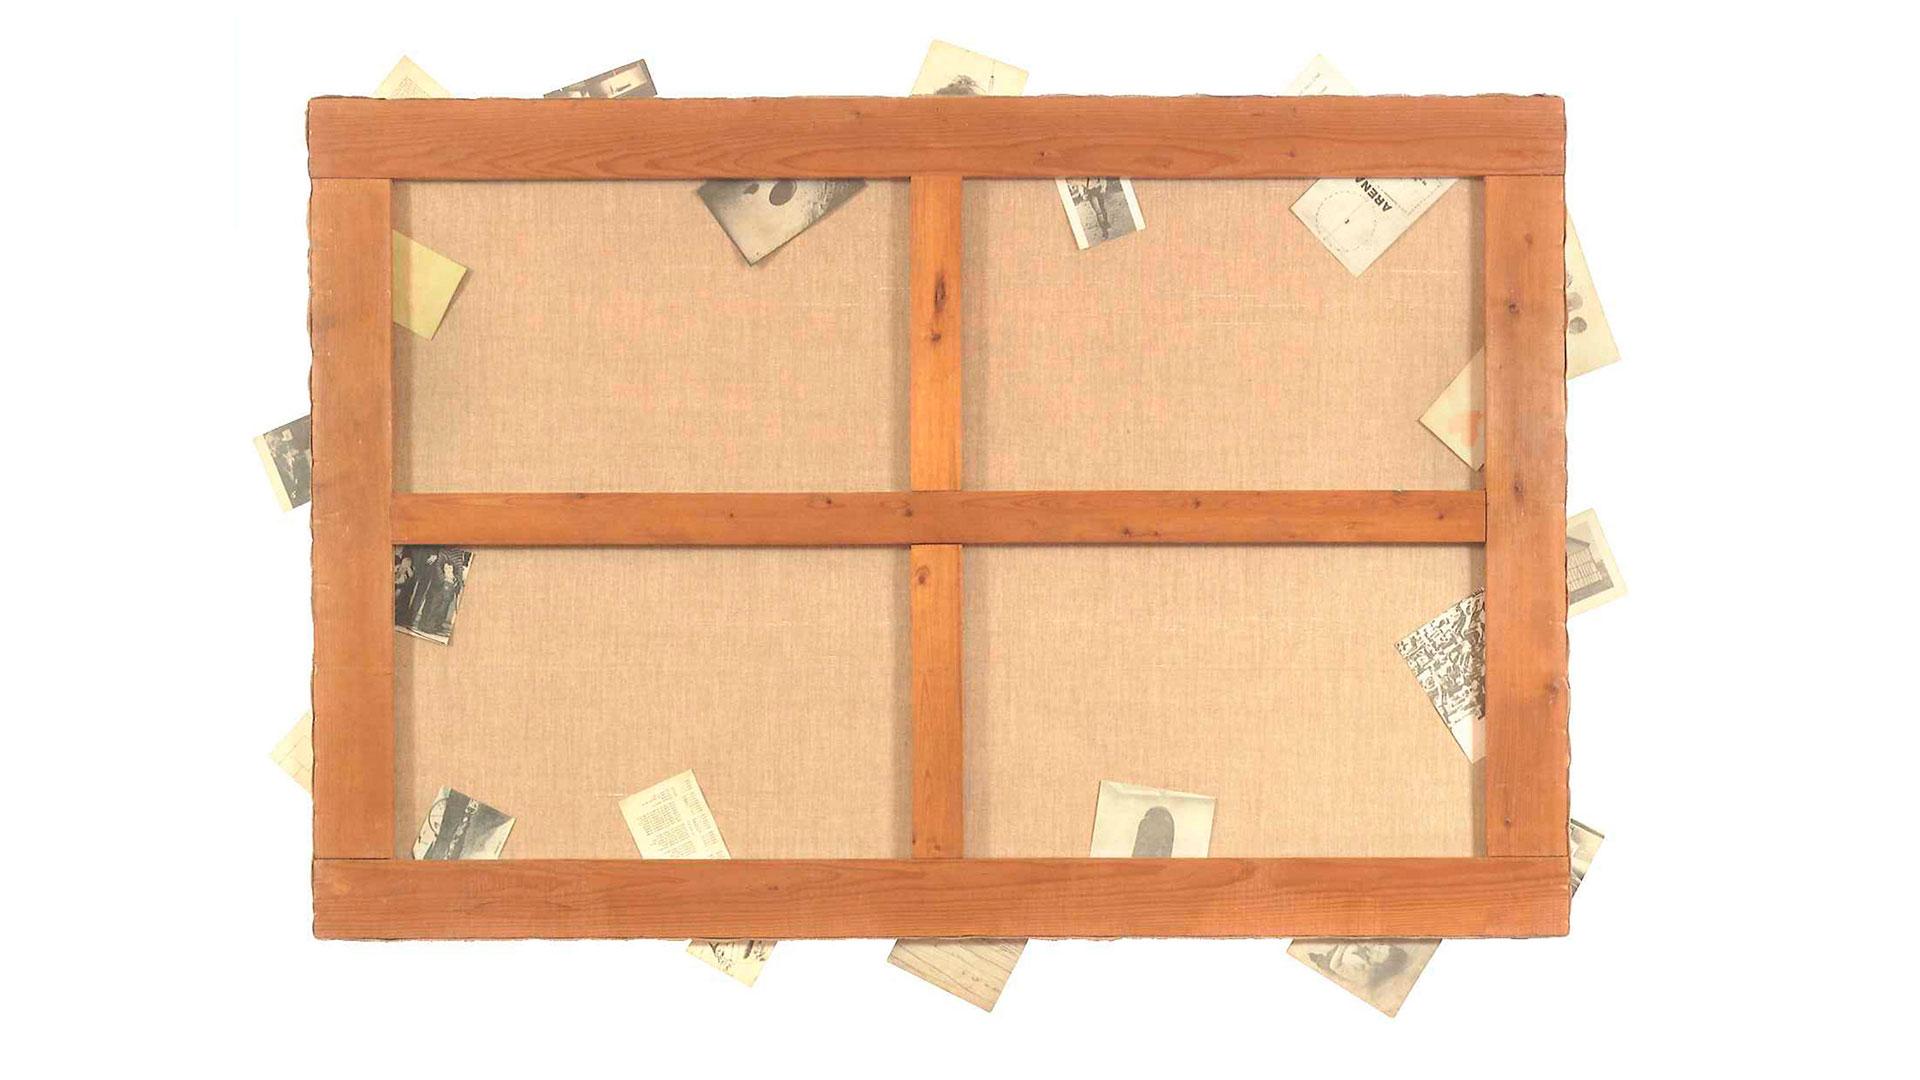 Exposición temática Recto Verso hero asset